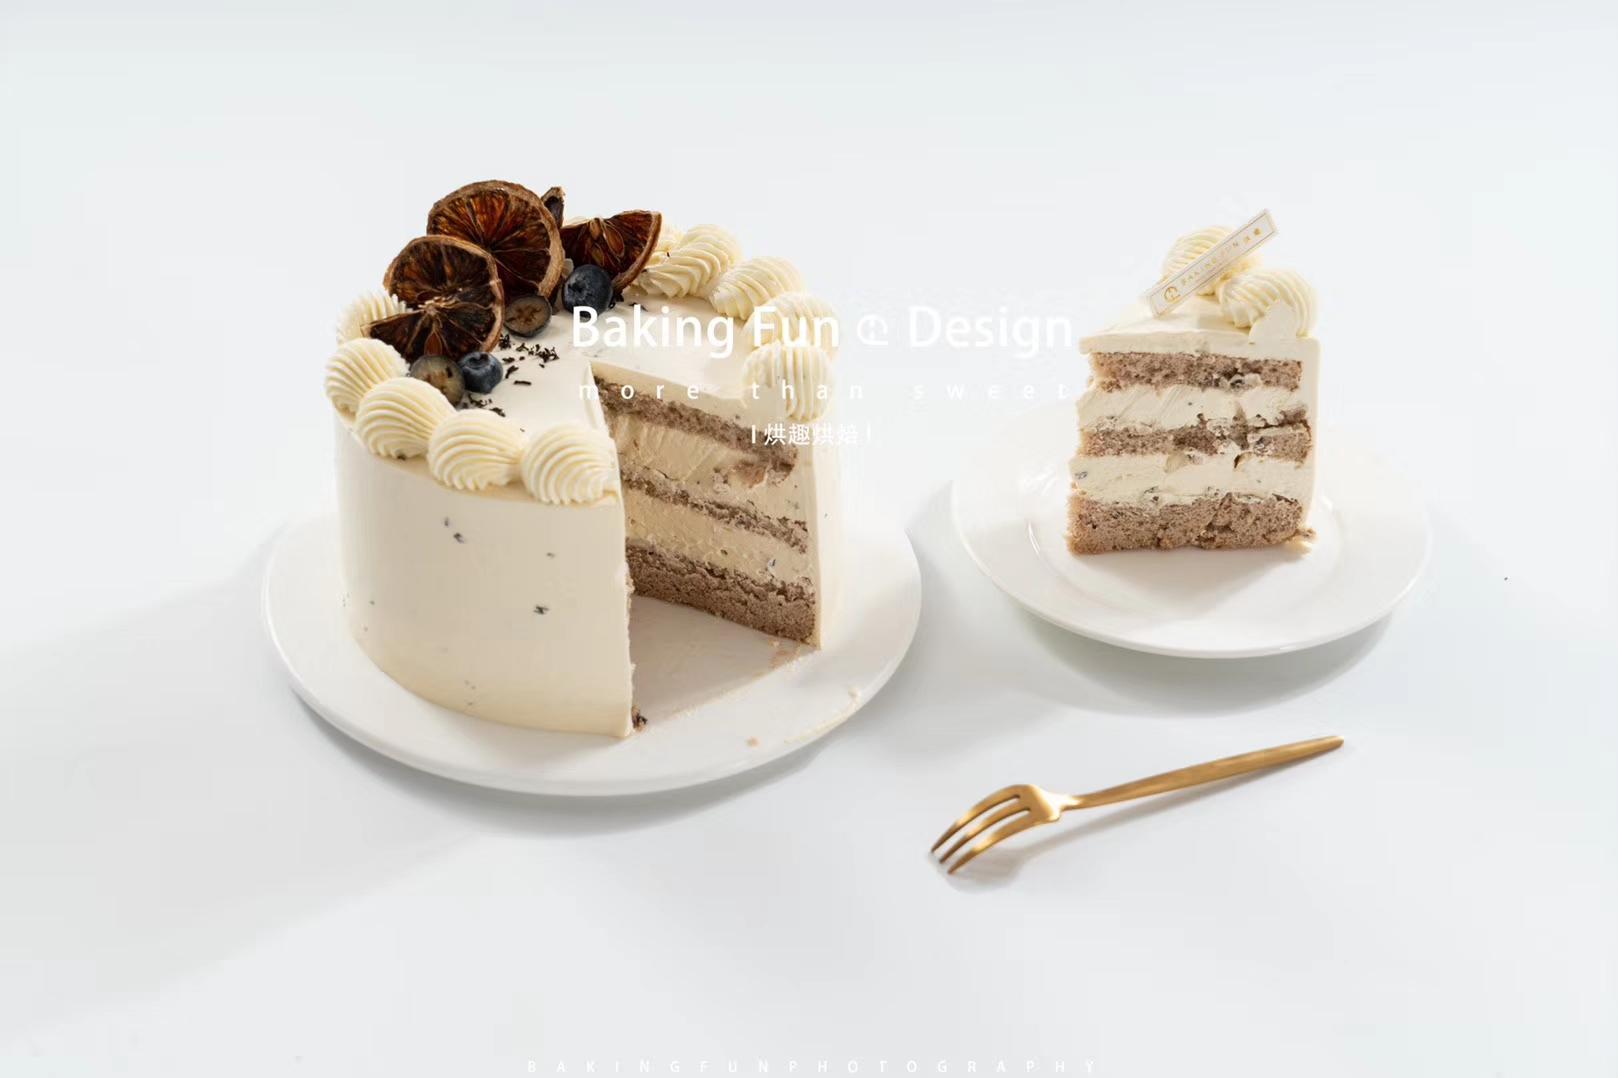 蛋糕行业前景